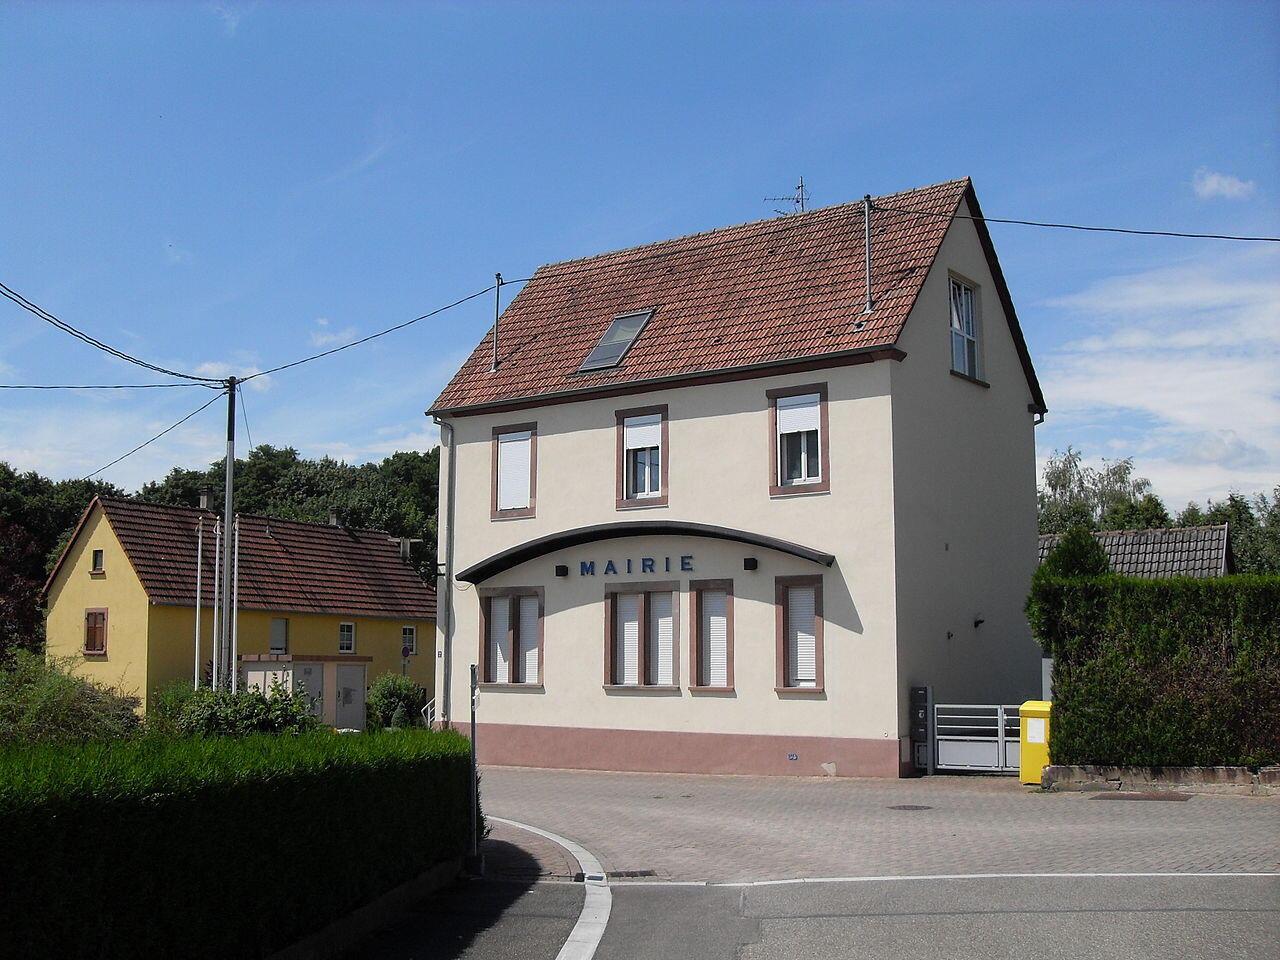 Мэрия города Ширроффен (департамент Нижний Рейн, Эльзас)